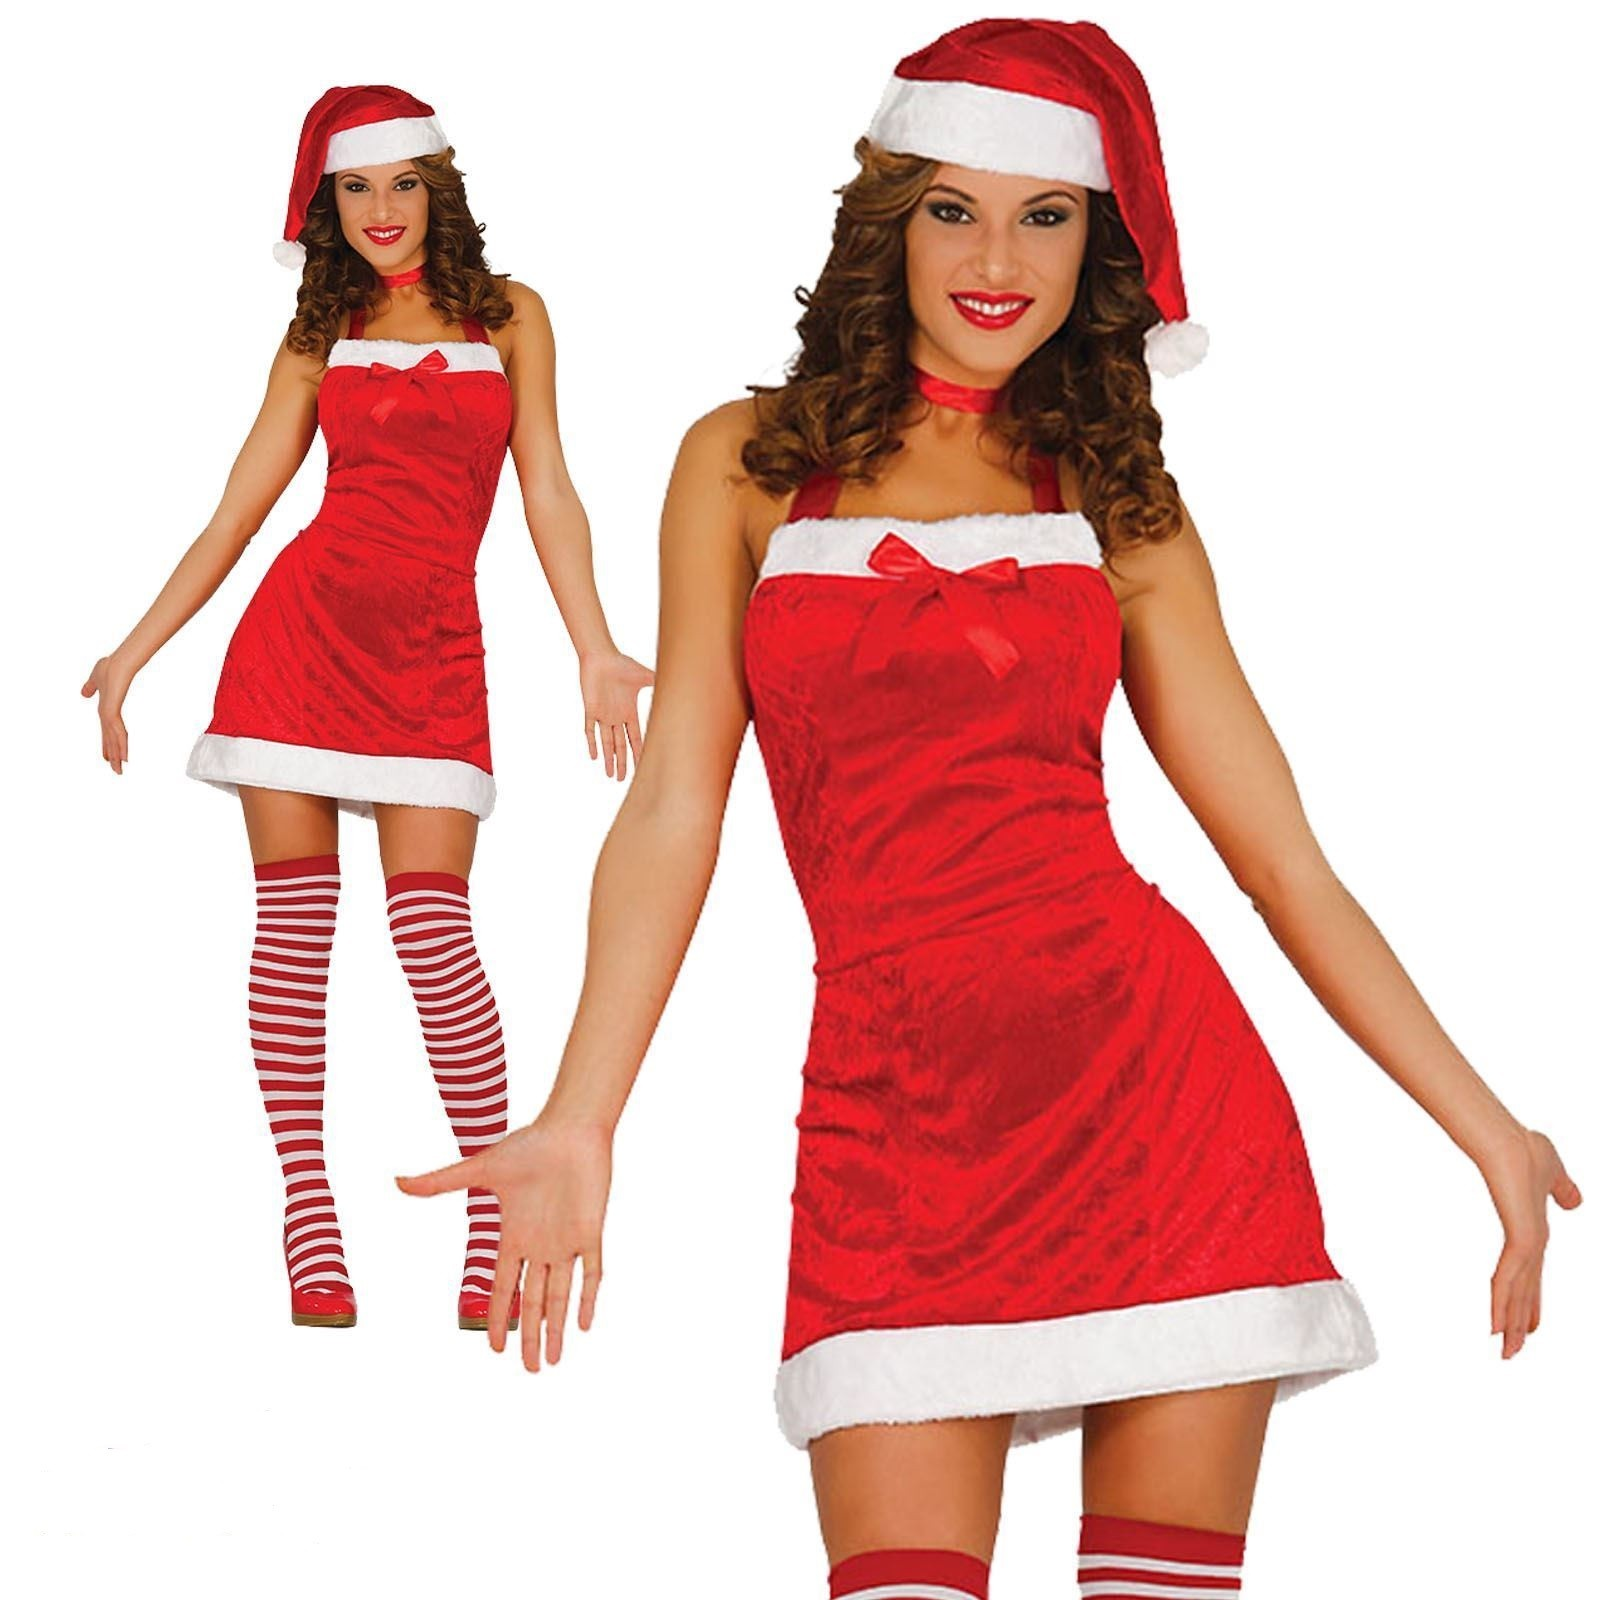 Babbo Natale Femmina Immagini.Costume Babba Natale Vestito Donna Taglia Unica Per Travestimenti Di Babbo Natale Completo Di Cappello E Collant Parole E Pensieri